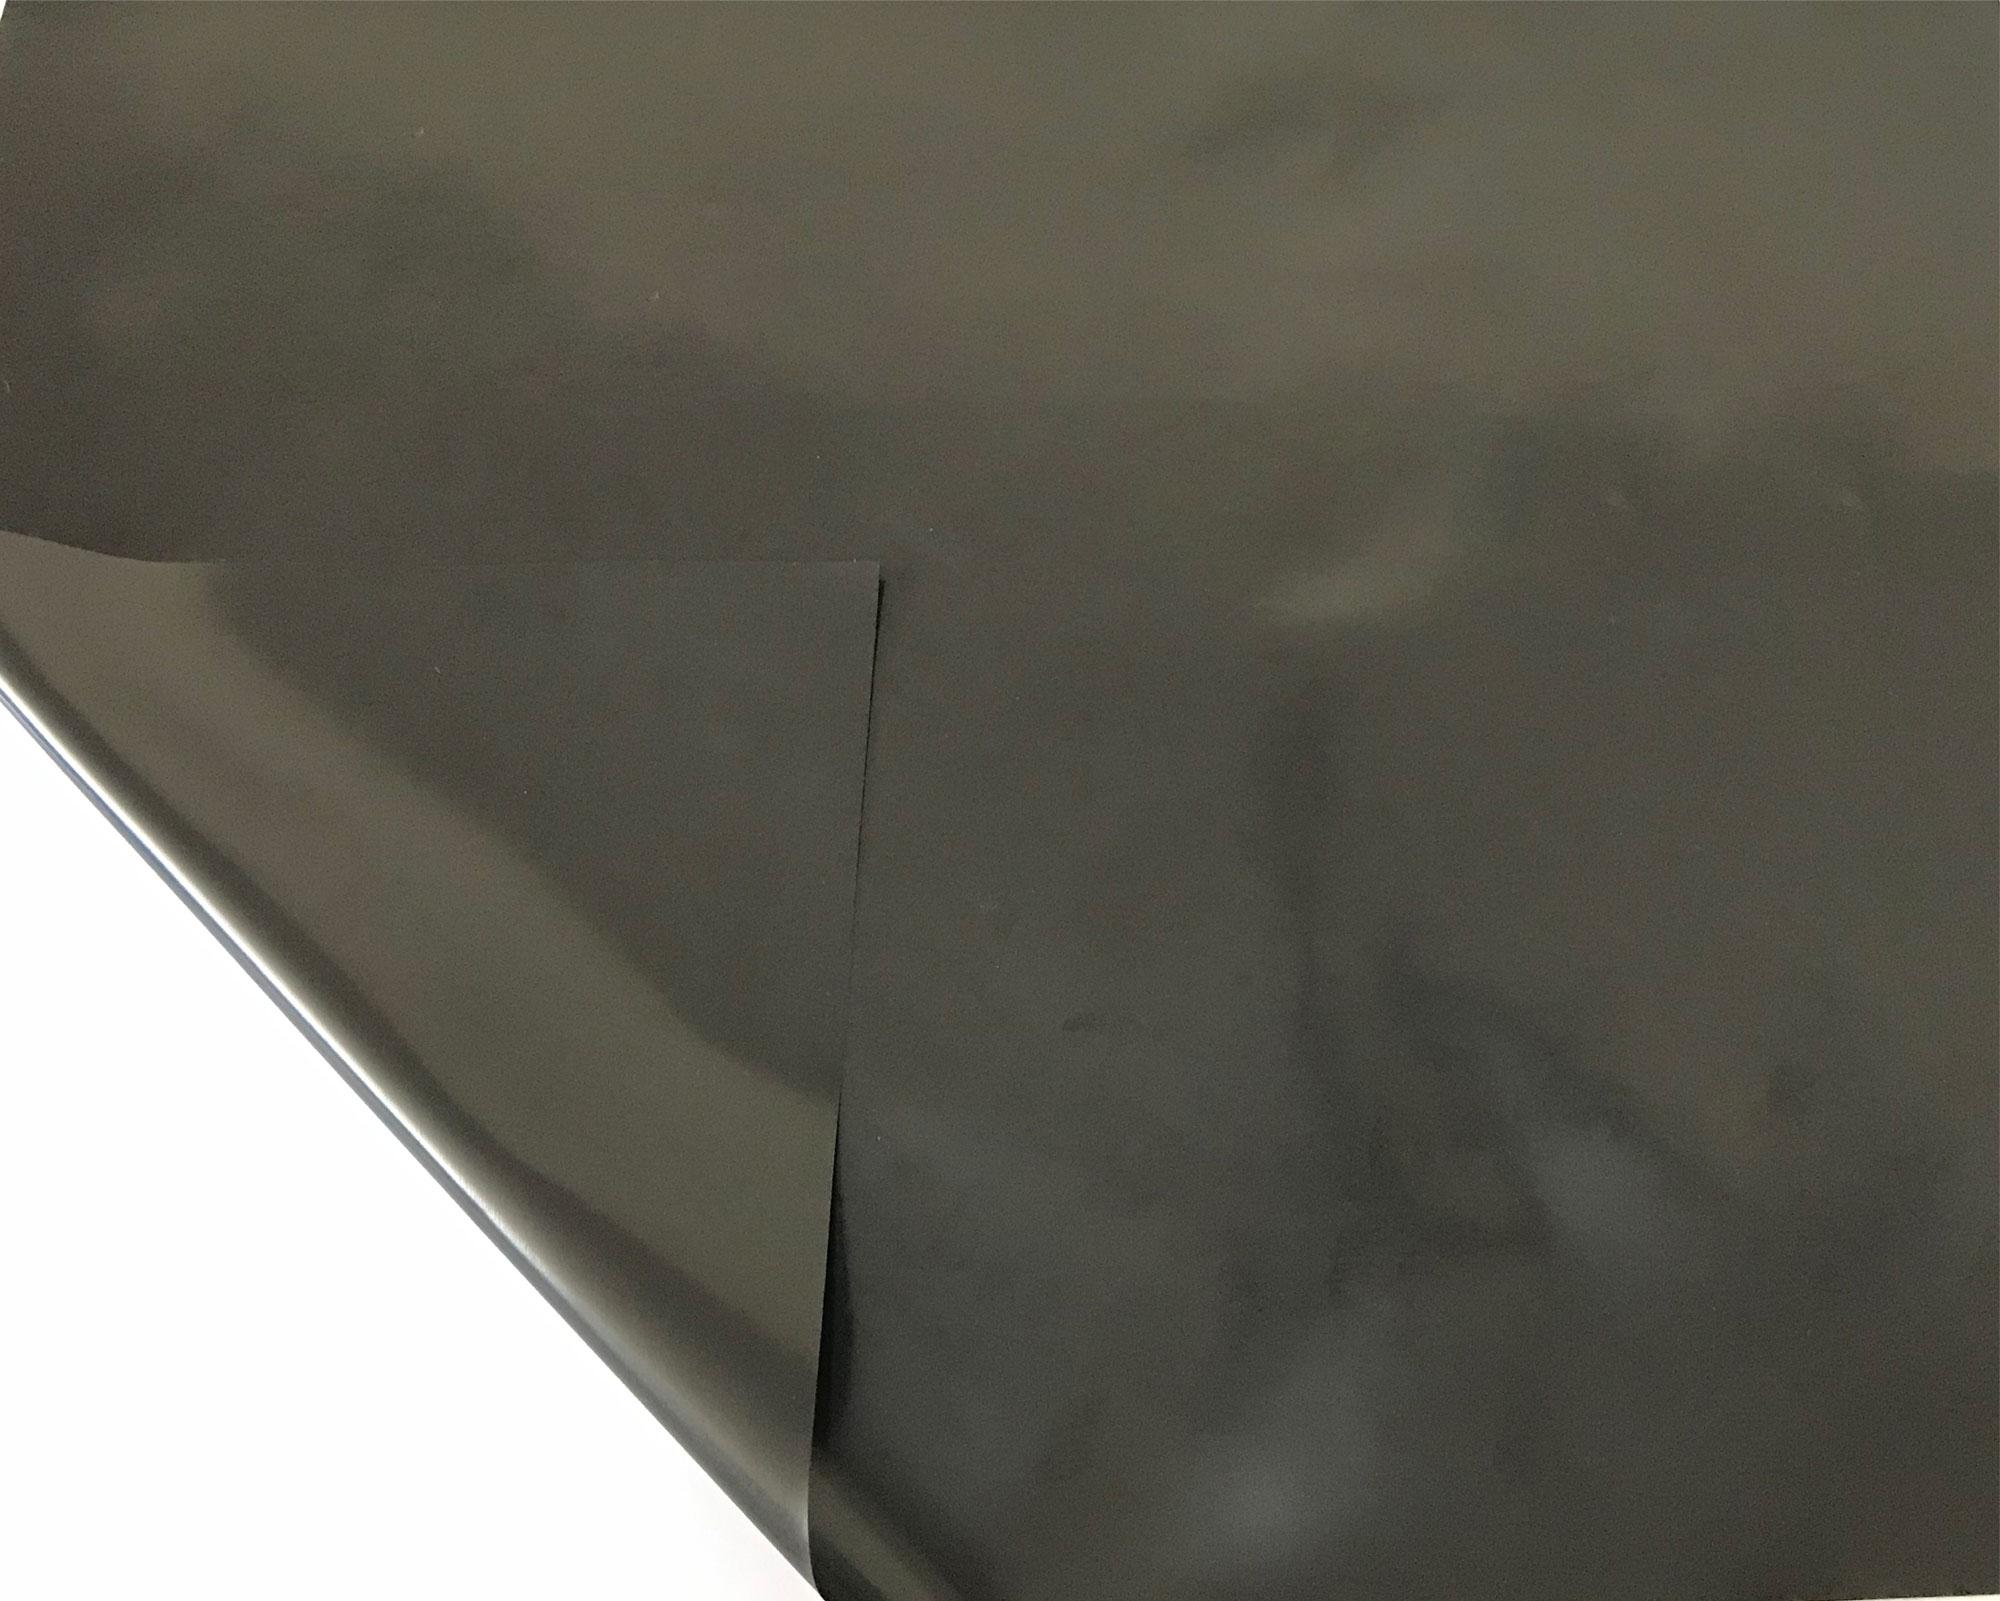 Lona Para Lago Tanque Criação Peixe Manta Impermeável - 4,5x2,5